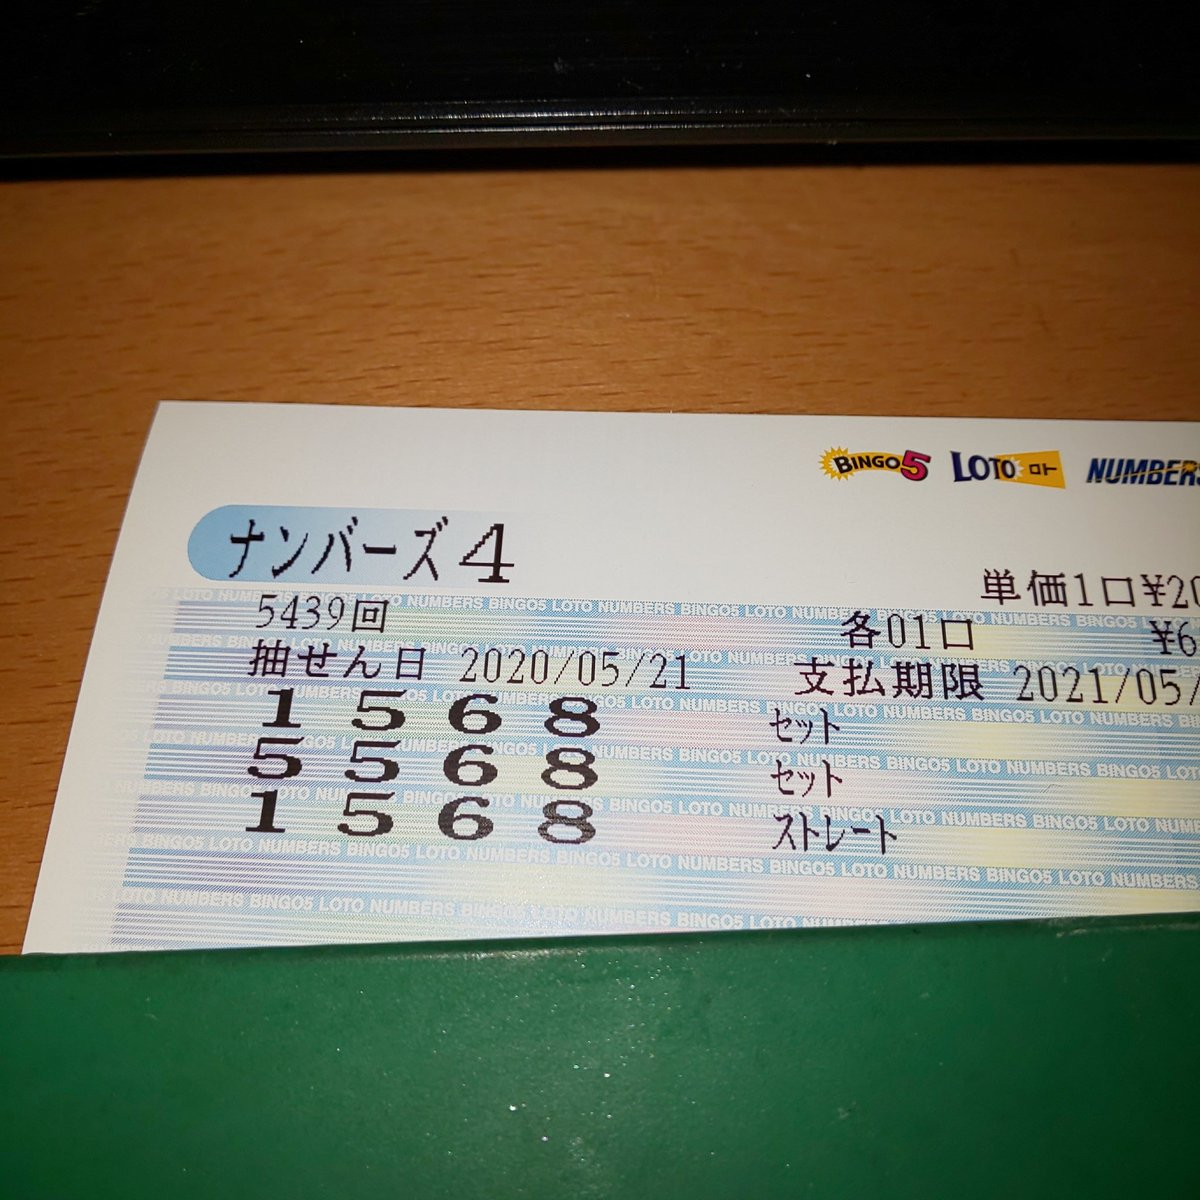 ナンバーズ 4 当選 番号 検索 ナンバーズ4当選番号検索(過去) - umiduki.net